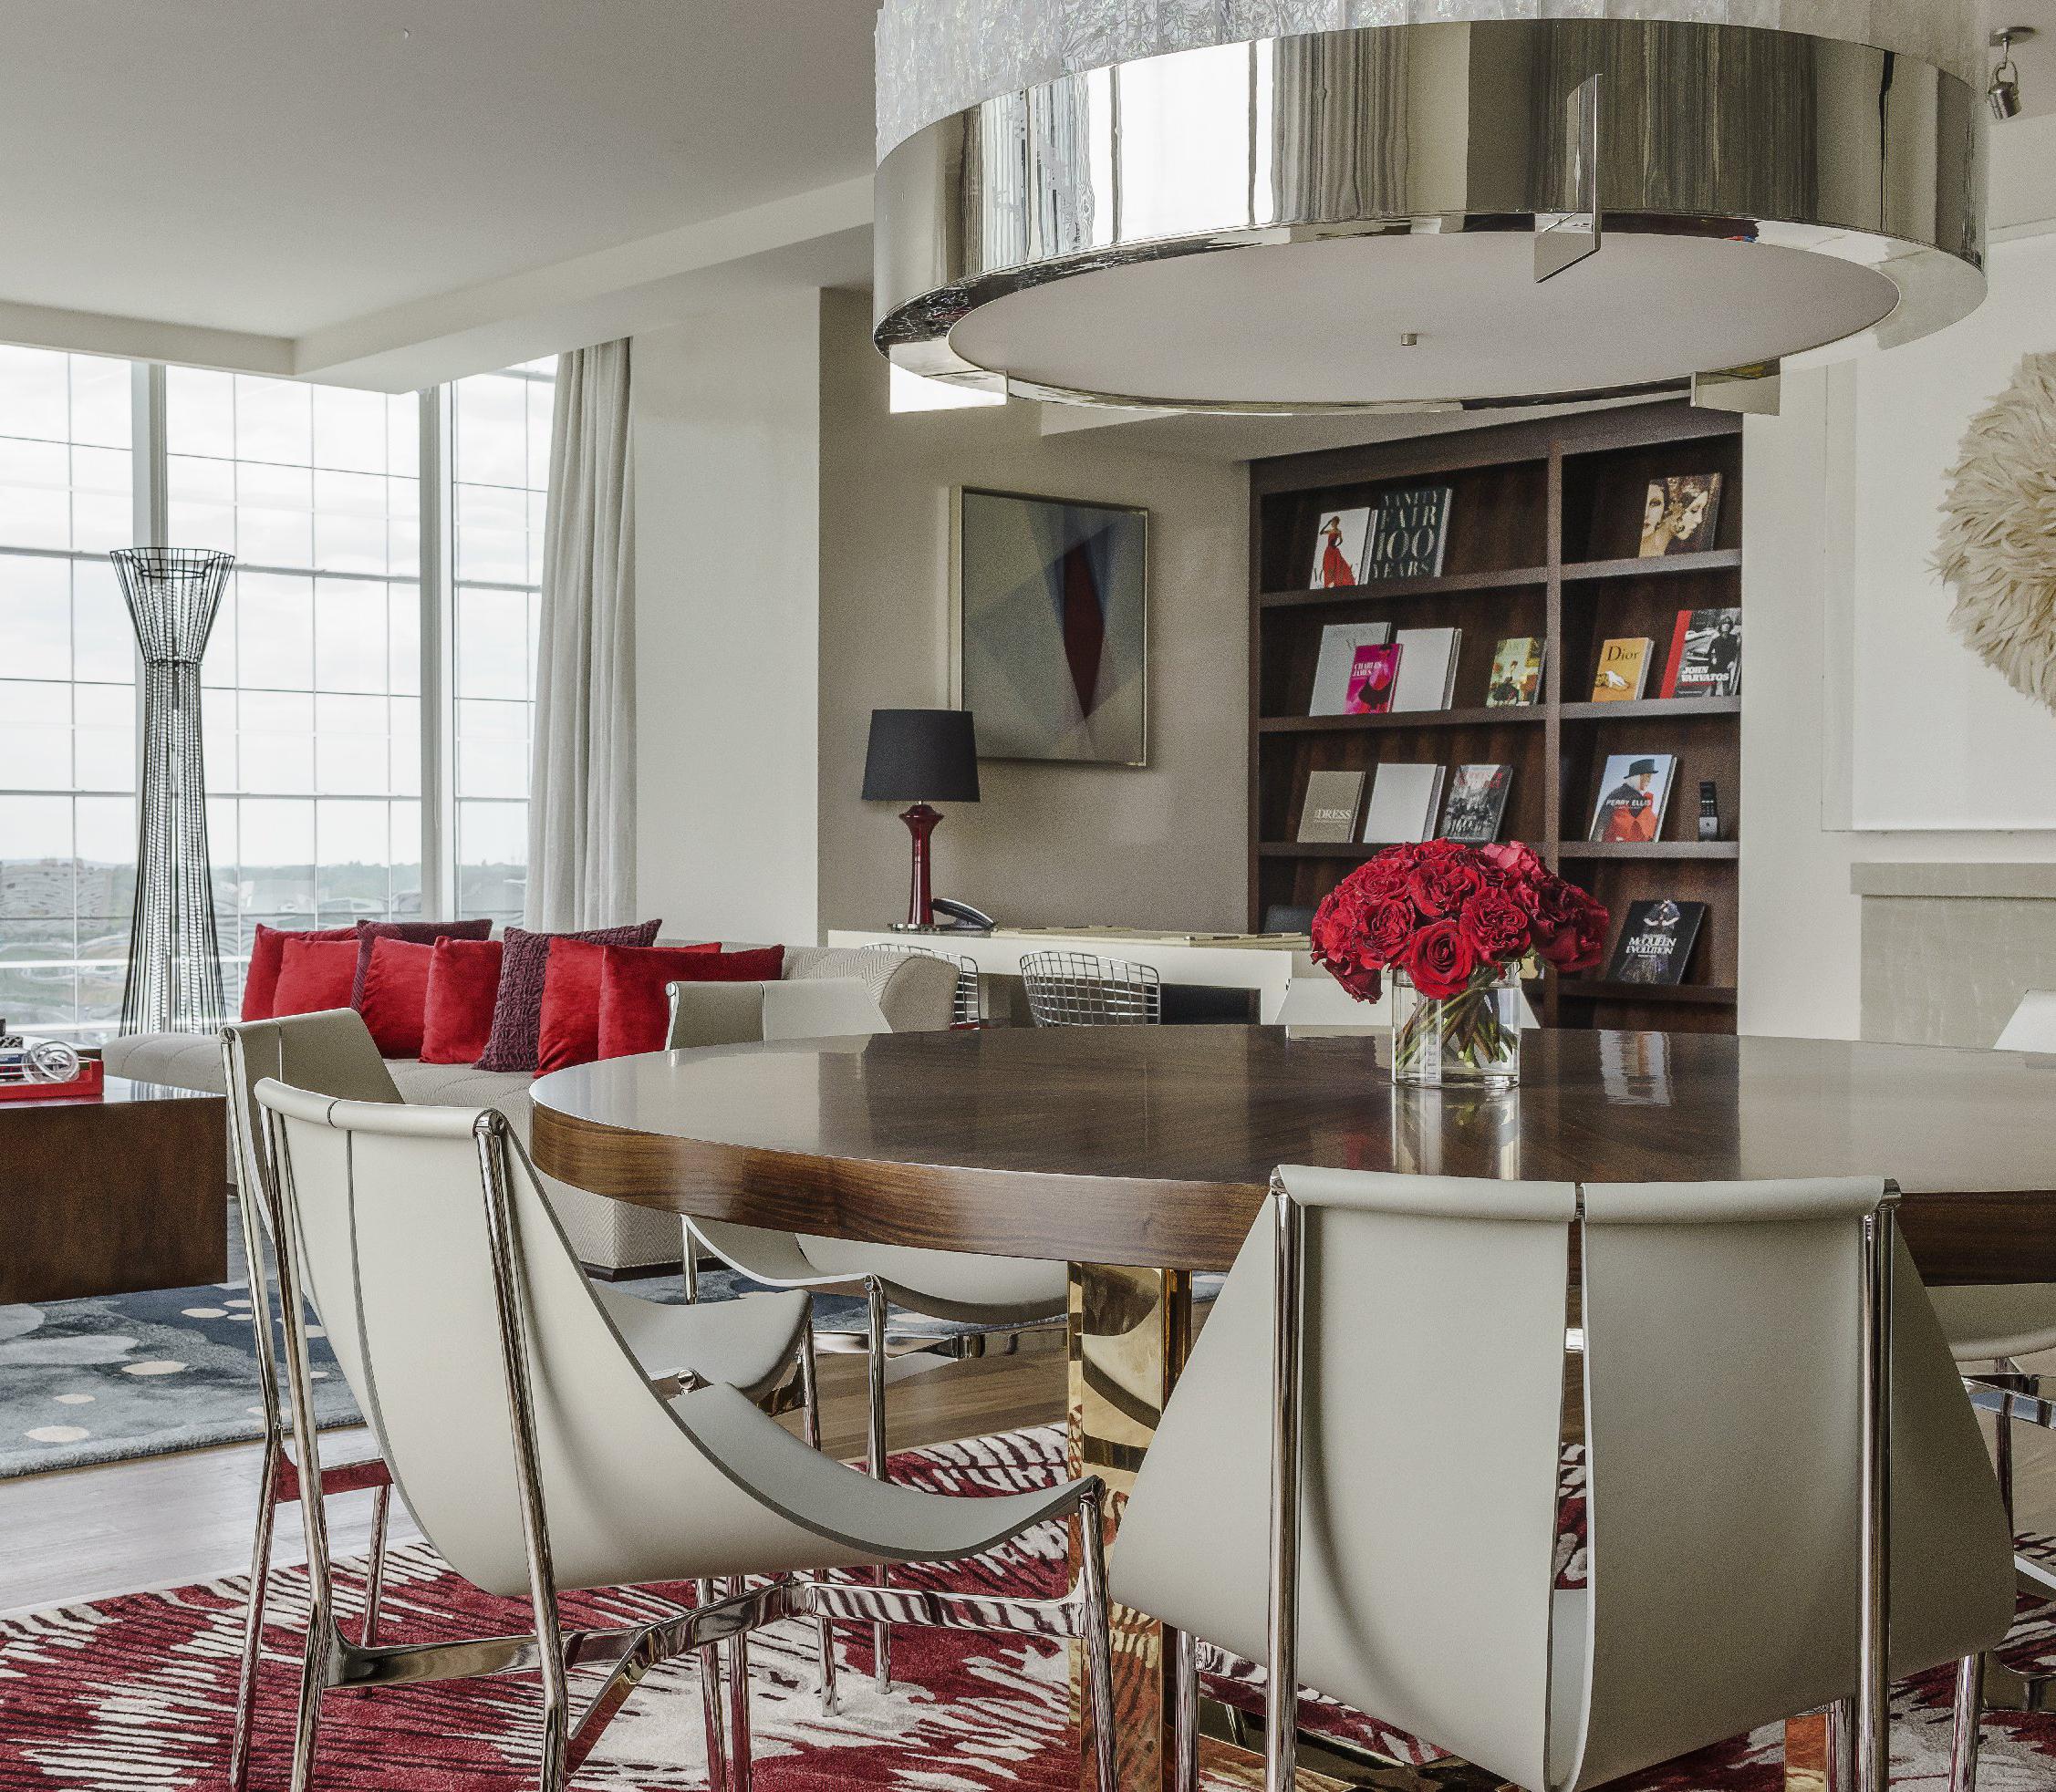 Presidential Suite at the Hyatt Regency